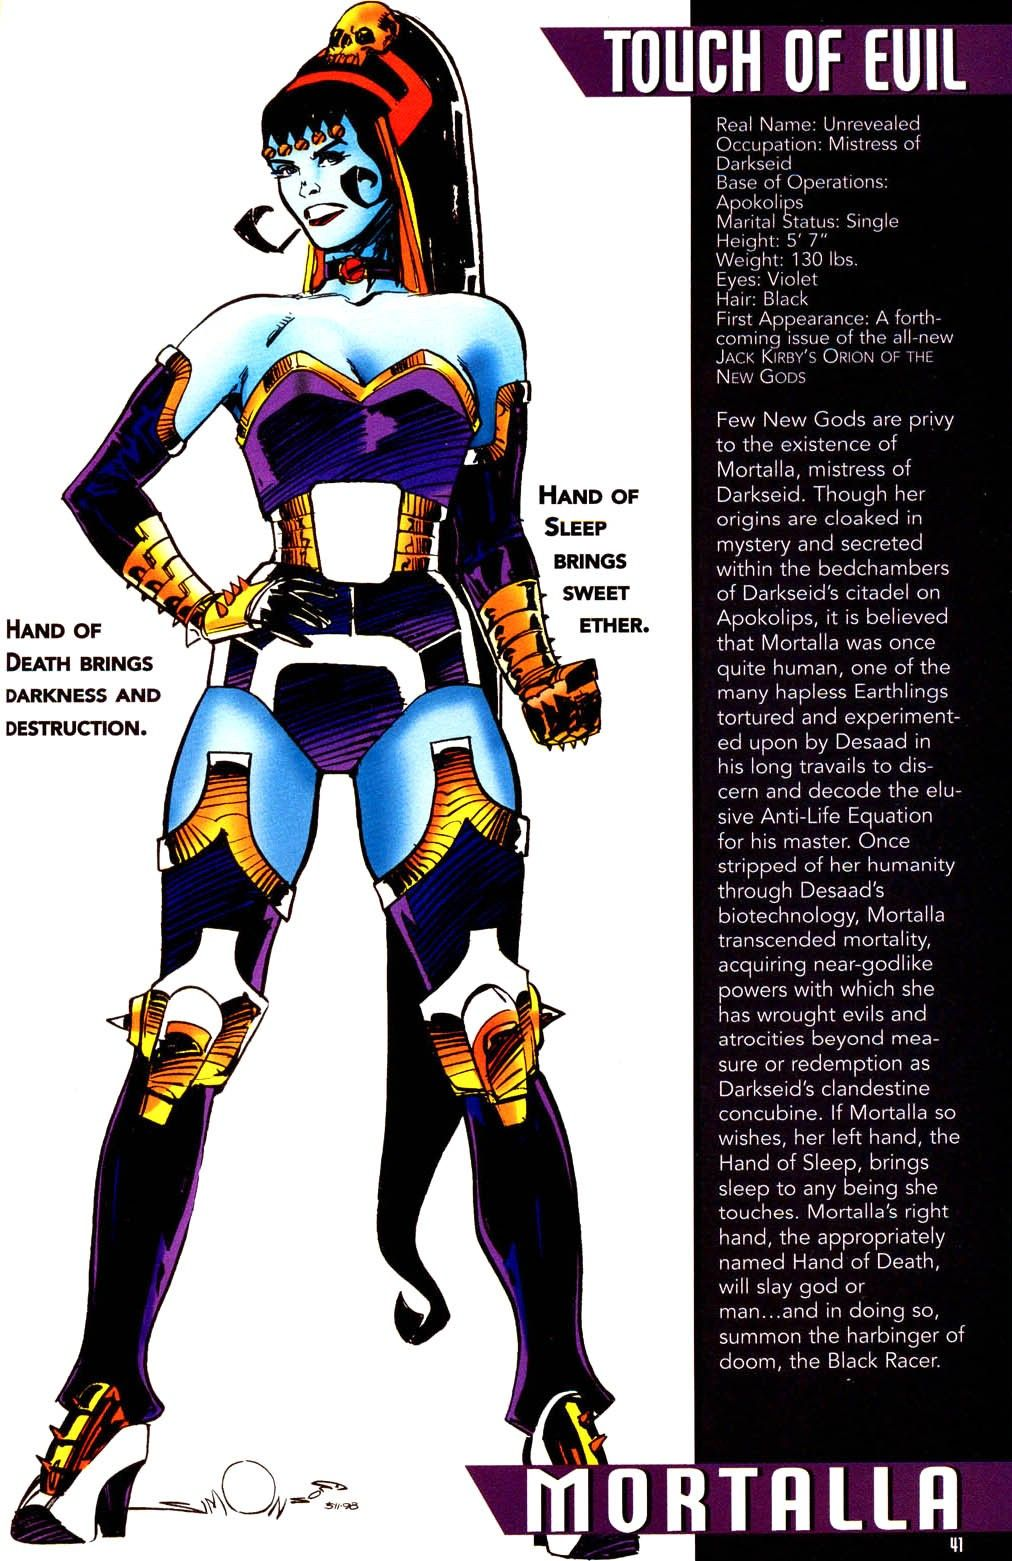 Pin by Ewan Davidson on DC Comics Secret Files Superhero